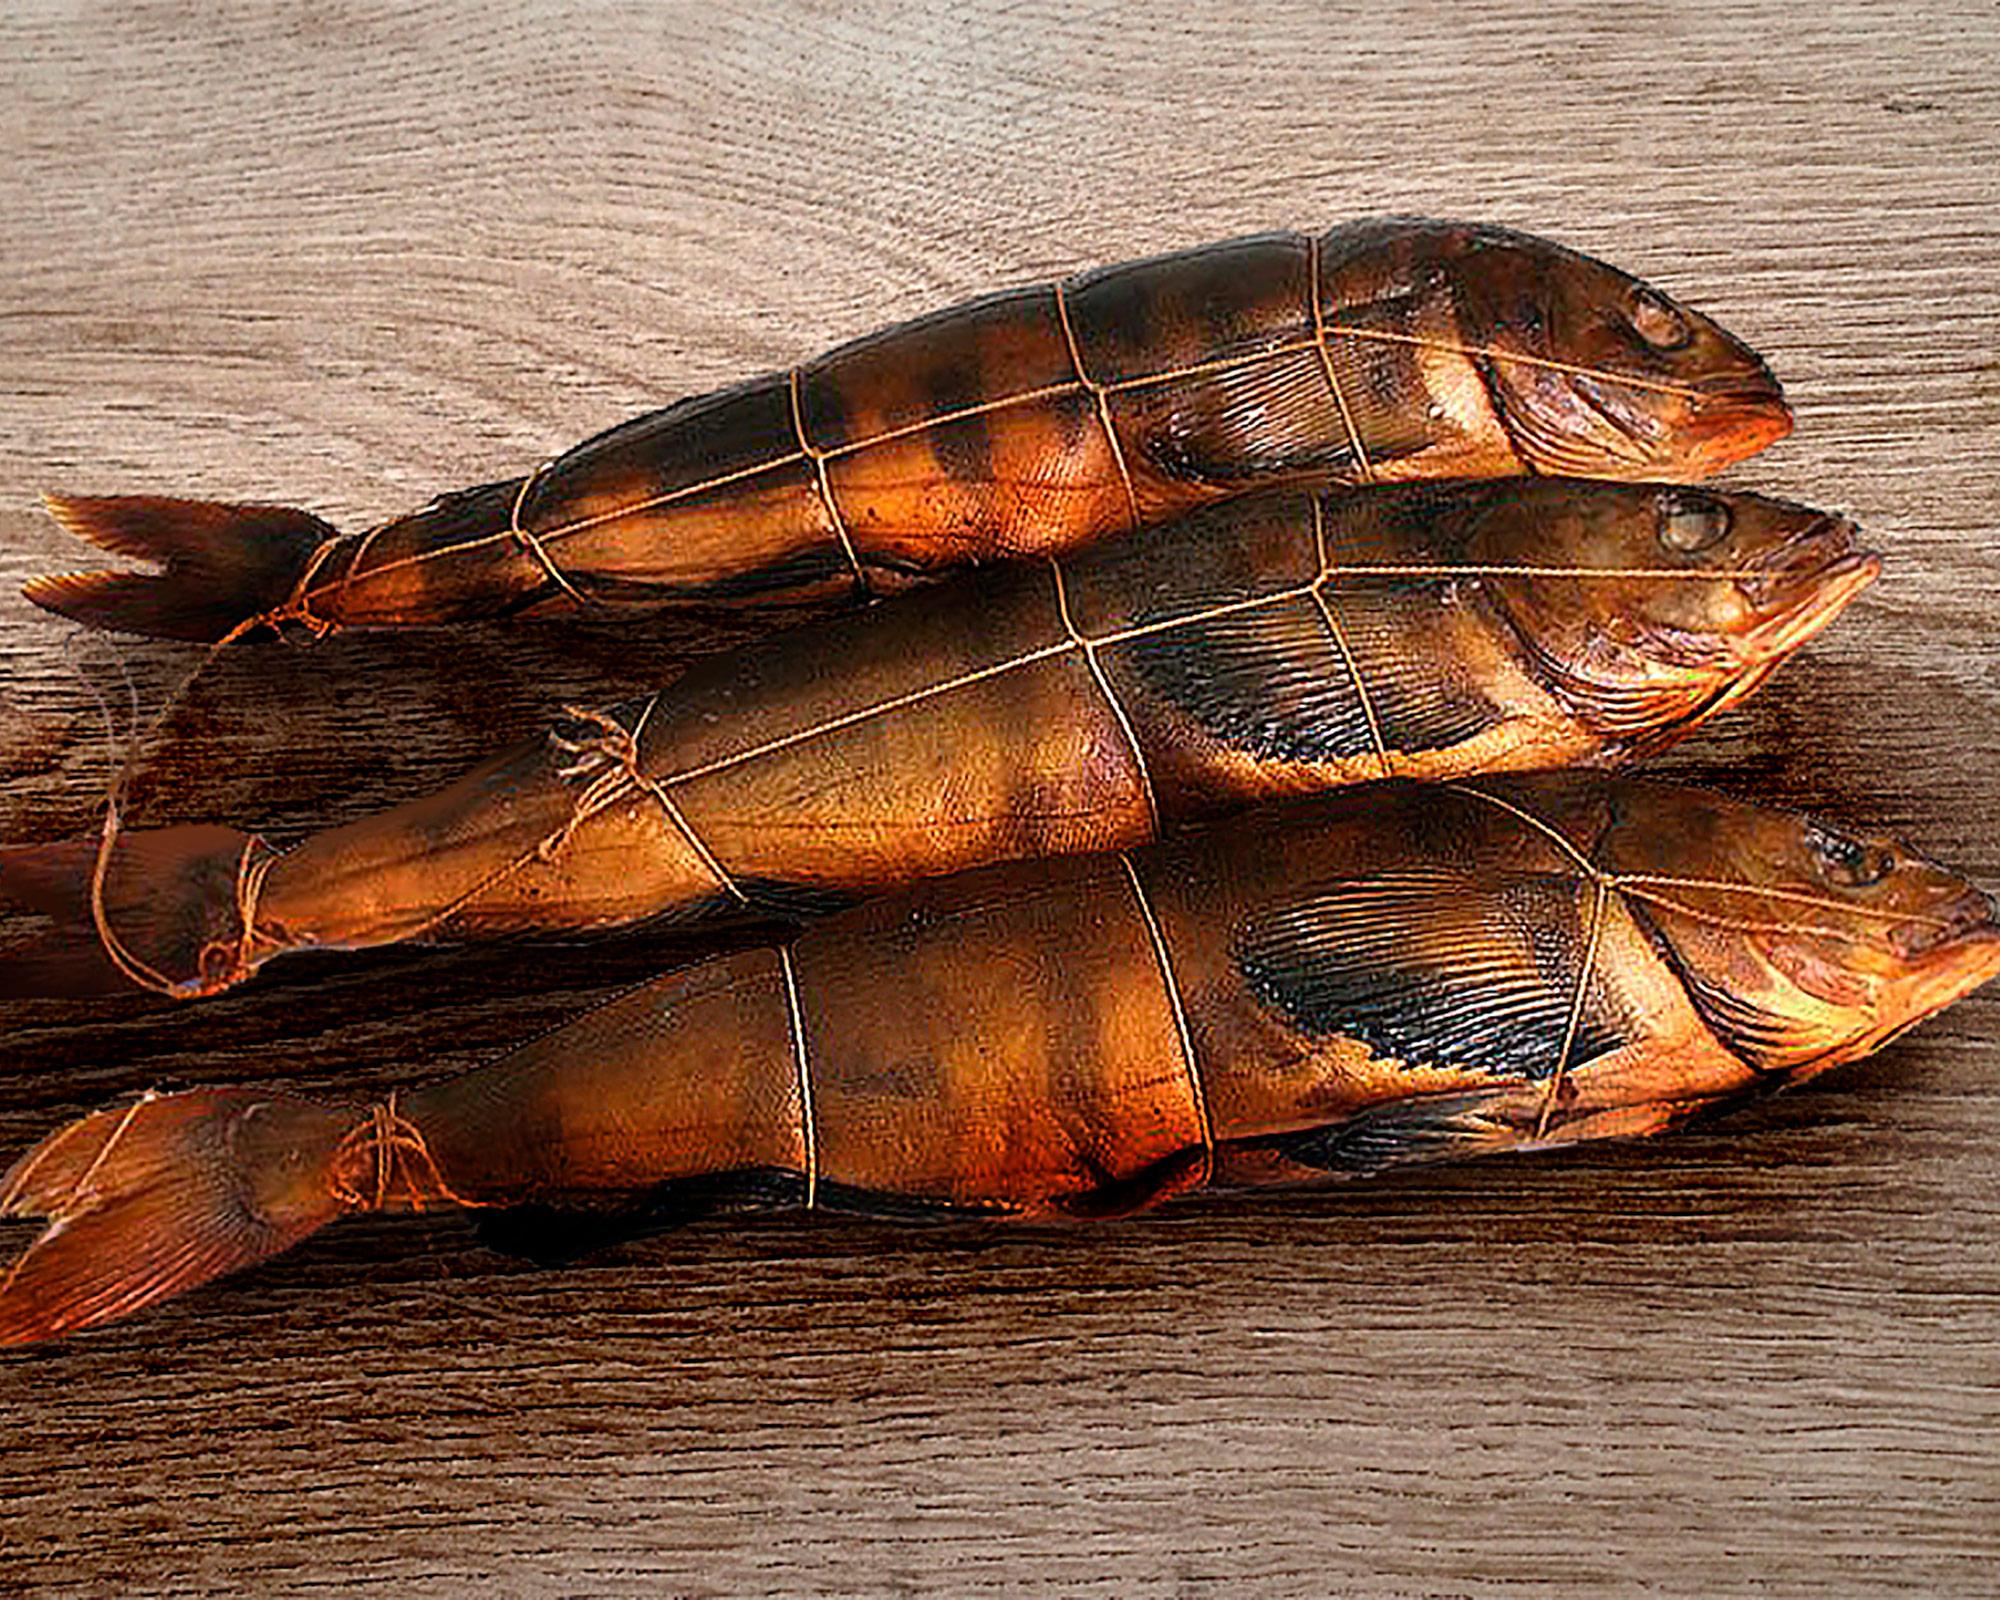 Щука горячего копчения в домашних условиях рецепт пошагово